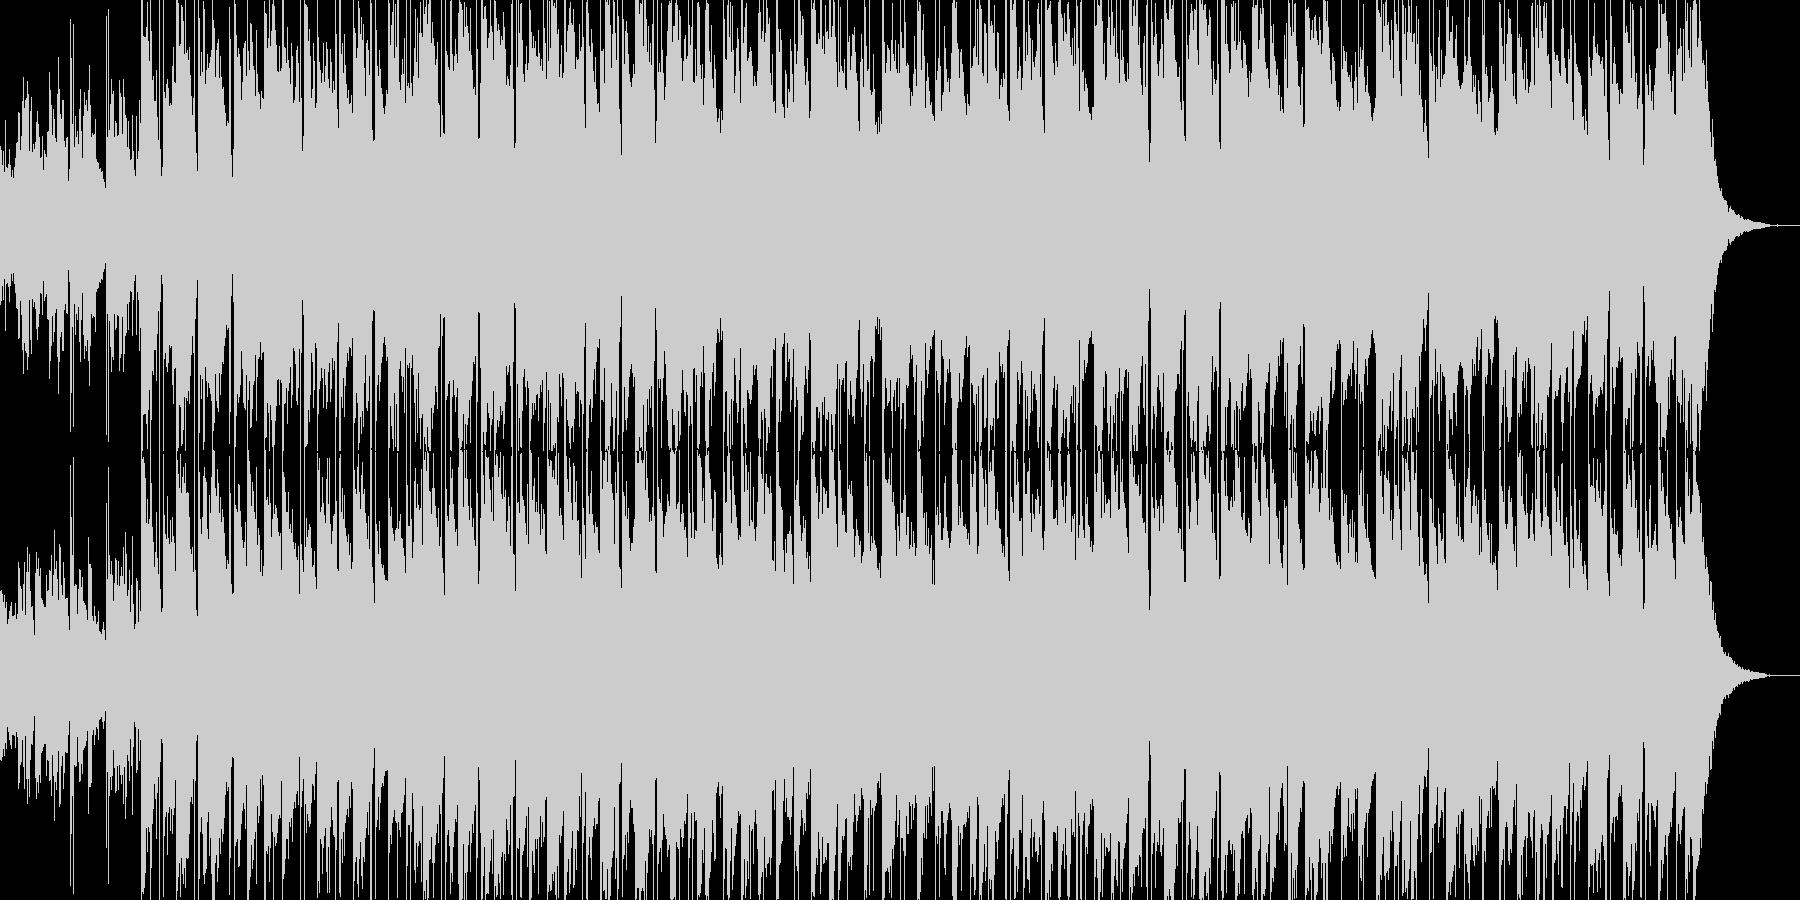 ノルディック系ファンタジー、空間系BGMの未再生の波形